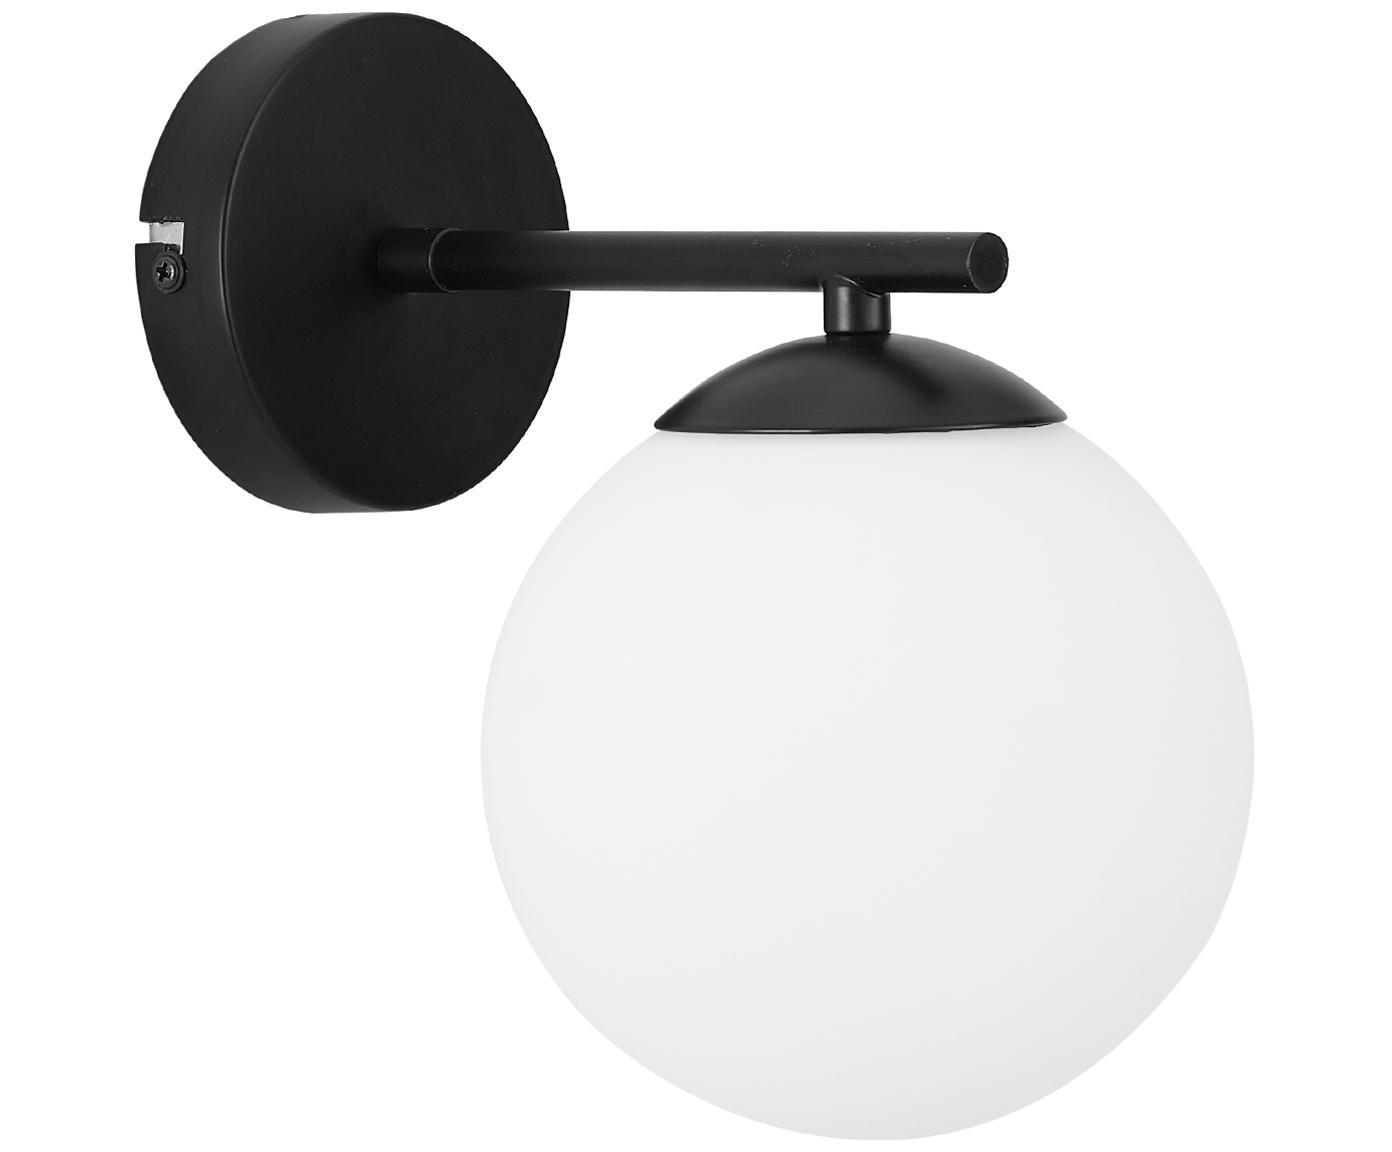 Wandleuchte Liv, Lampenschirm: Glas, Weiß, Schwarz, 15 x 22 cm